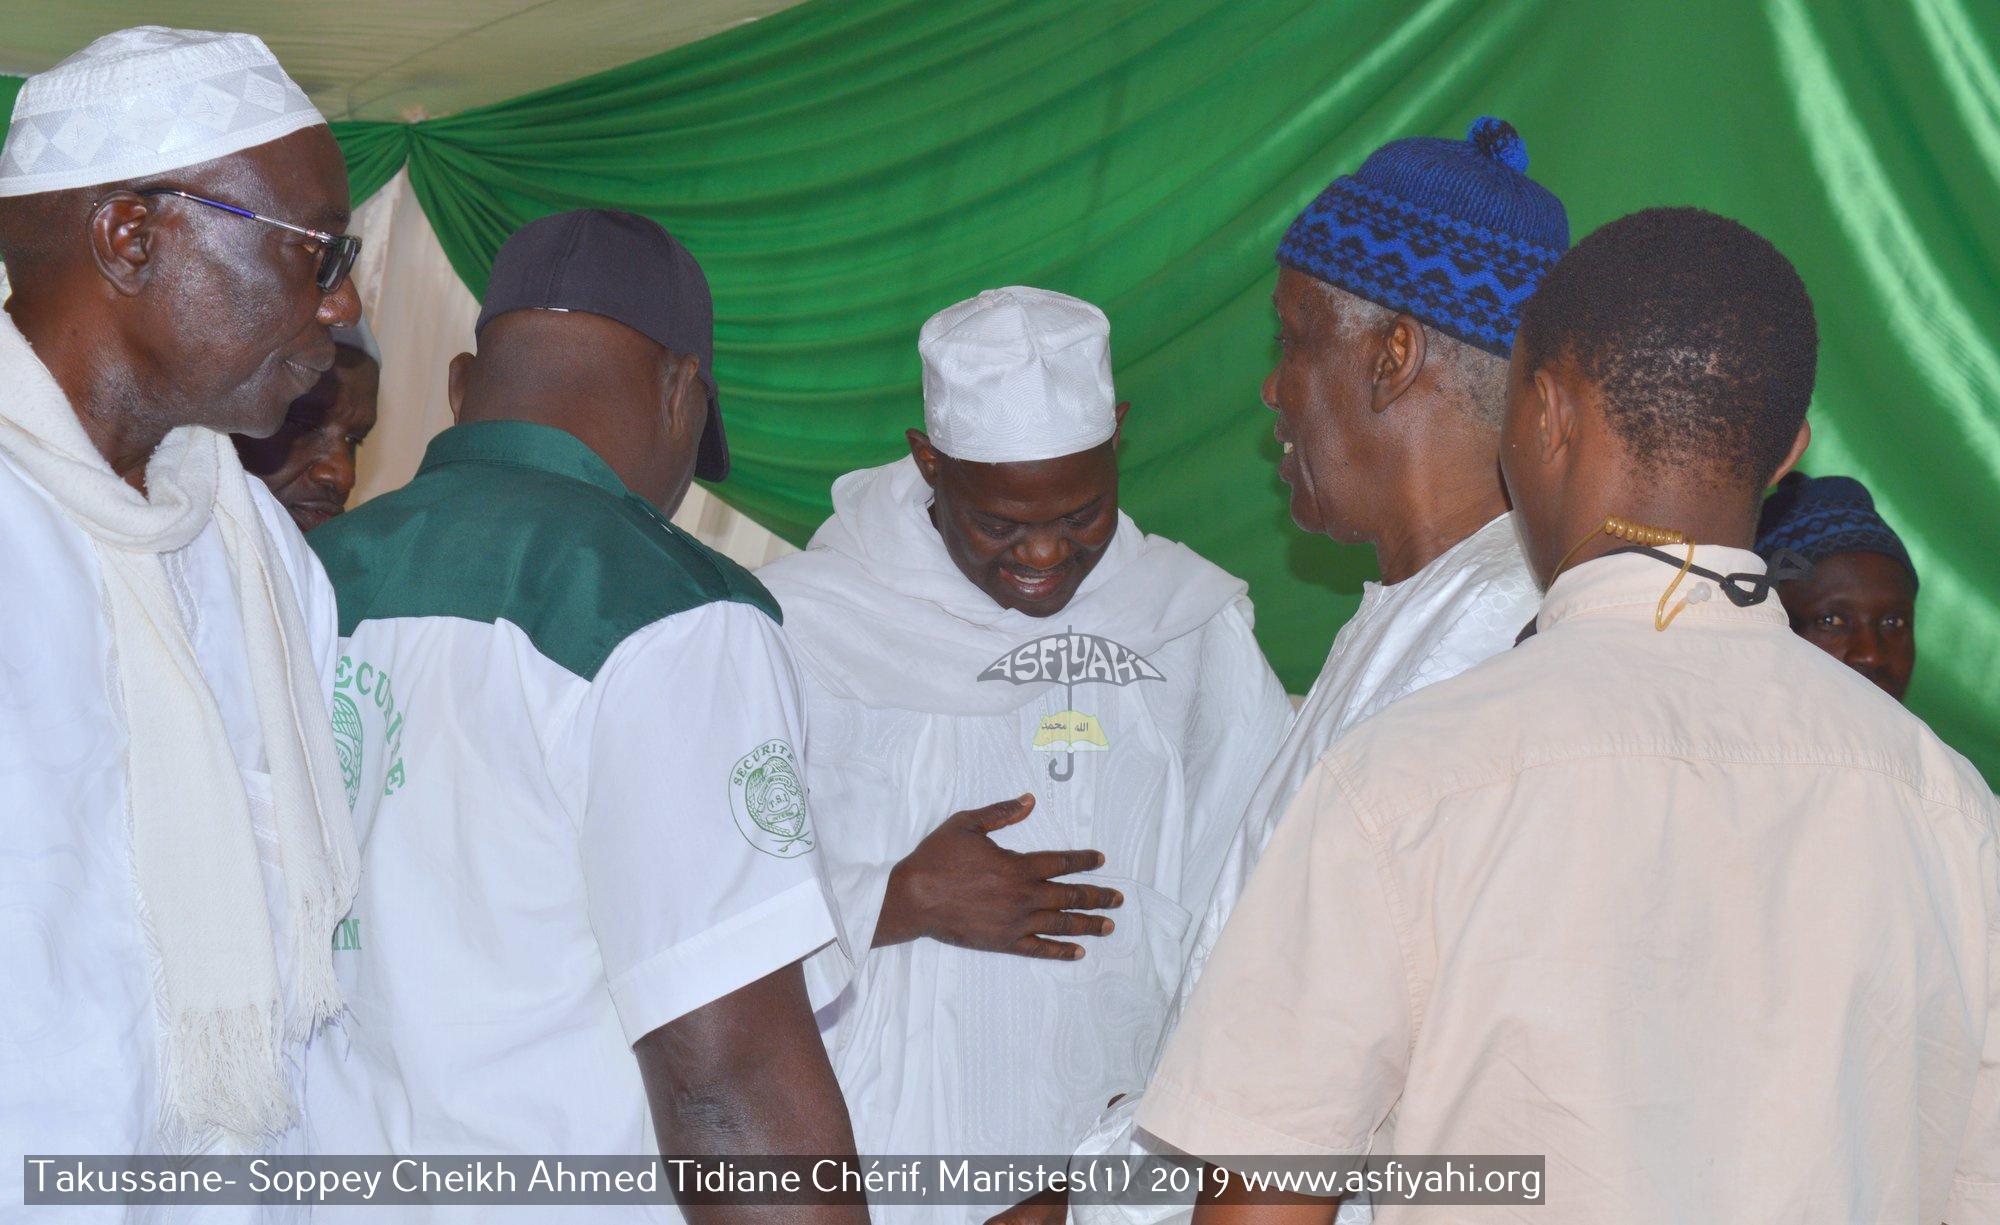 PHOTOS - MARISTES - Les Images du Takussan Cheikh du Sopey Cheikh Ahmed Tidiane Chérif (rta) présidé par Serigne Mbaye Sy Abdou2019